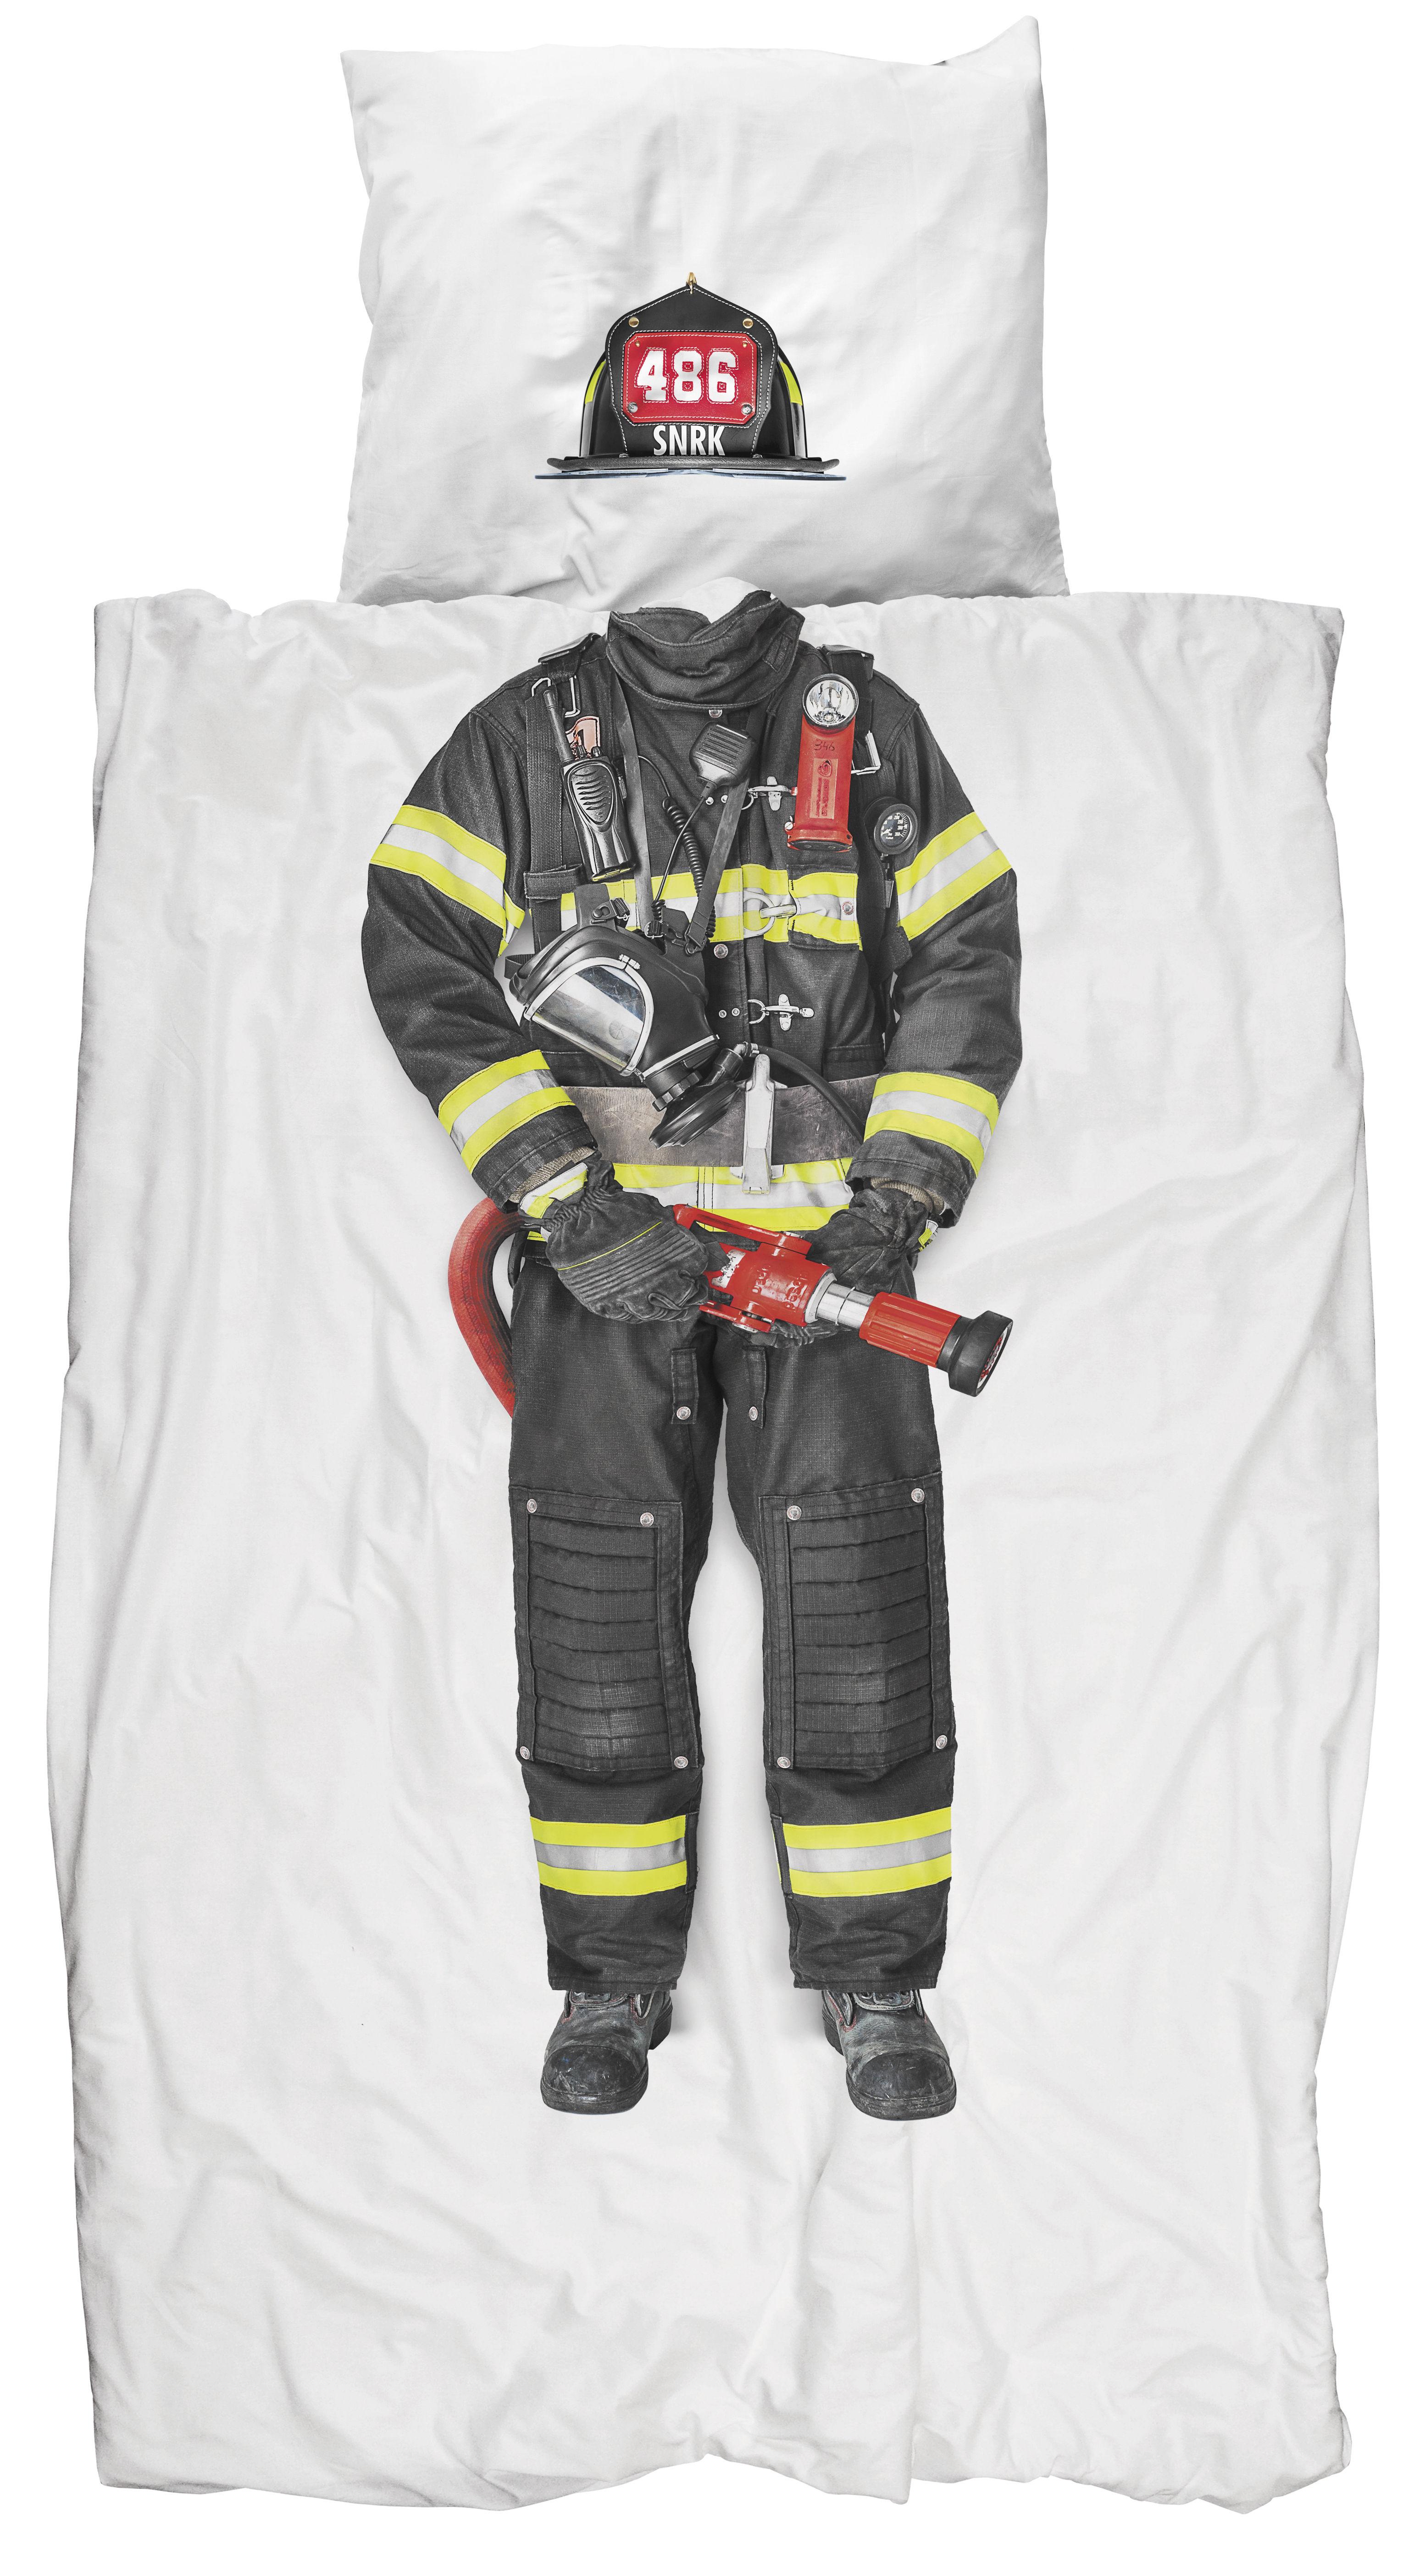 Interni - Per bambini - Biancheria da letto 1 persona Pompier - / 1 persona - 140 x 200 cm di Snurk - Pompiere - Percalle di cotone